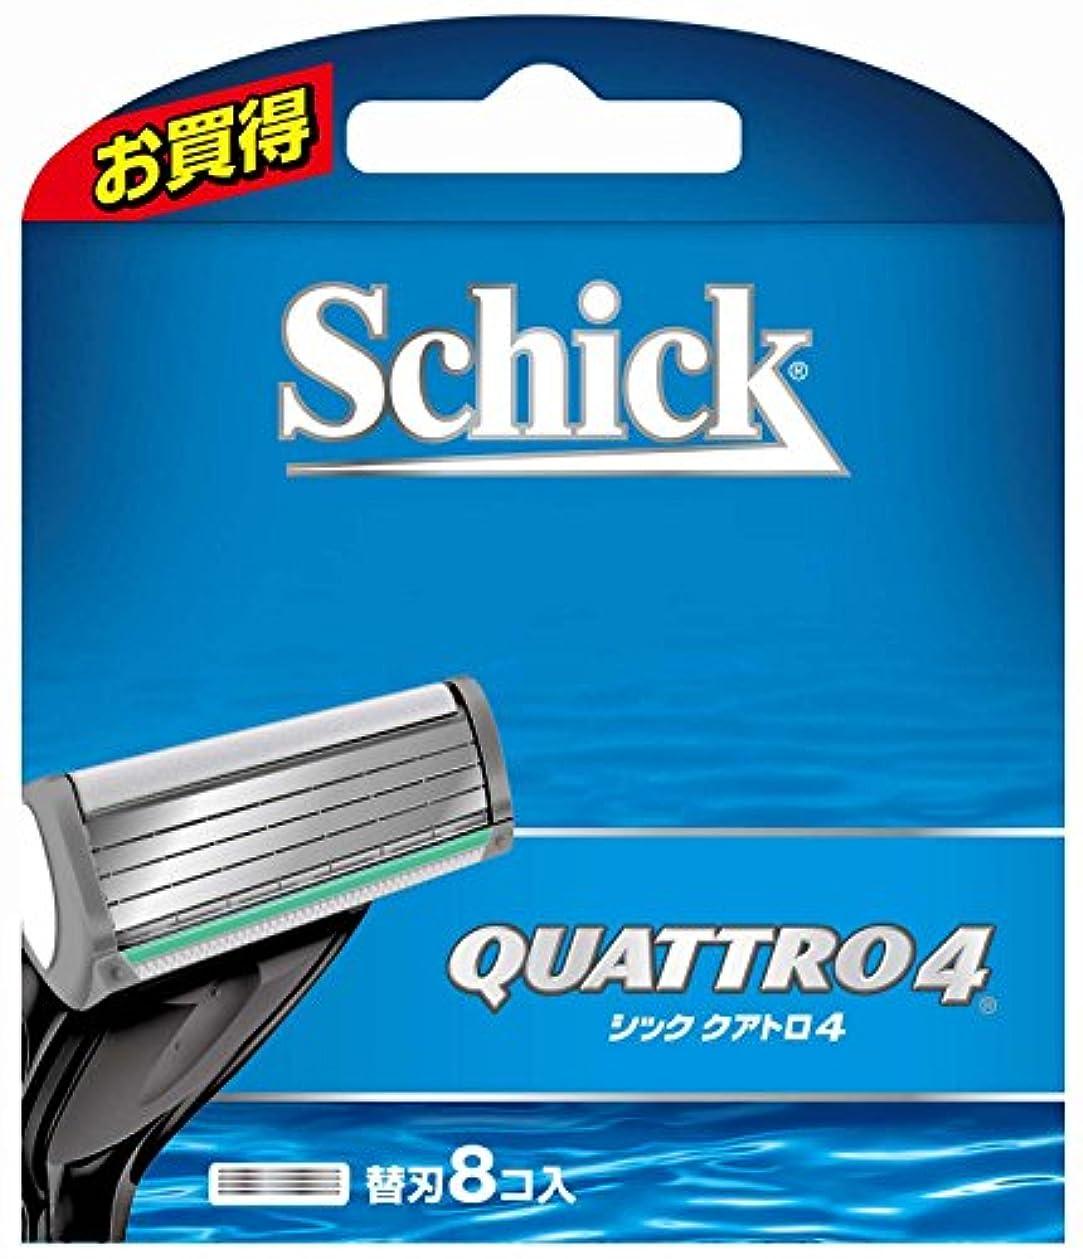 接触賠償判定シック Schick クアトロ4 4枚刃 替刃 (8コ入)